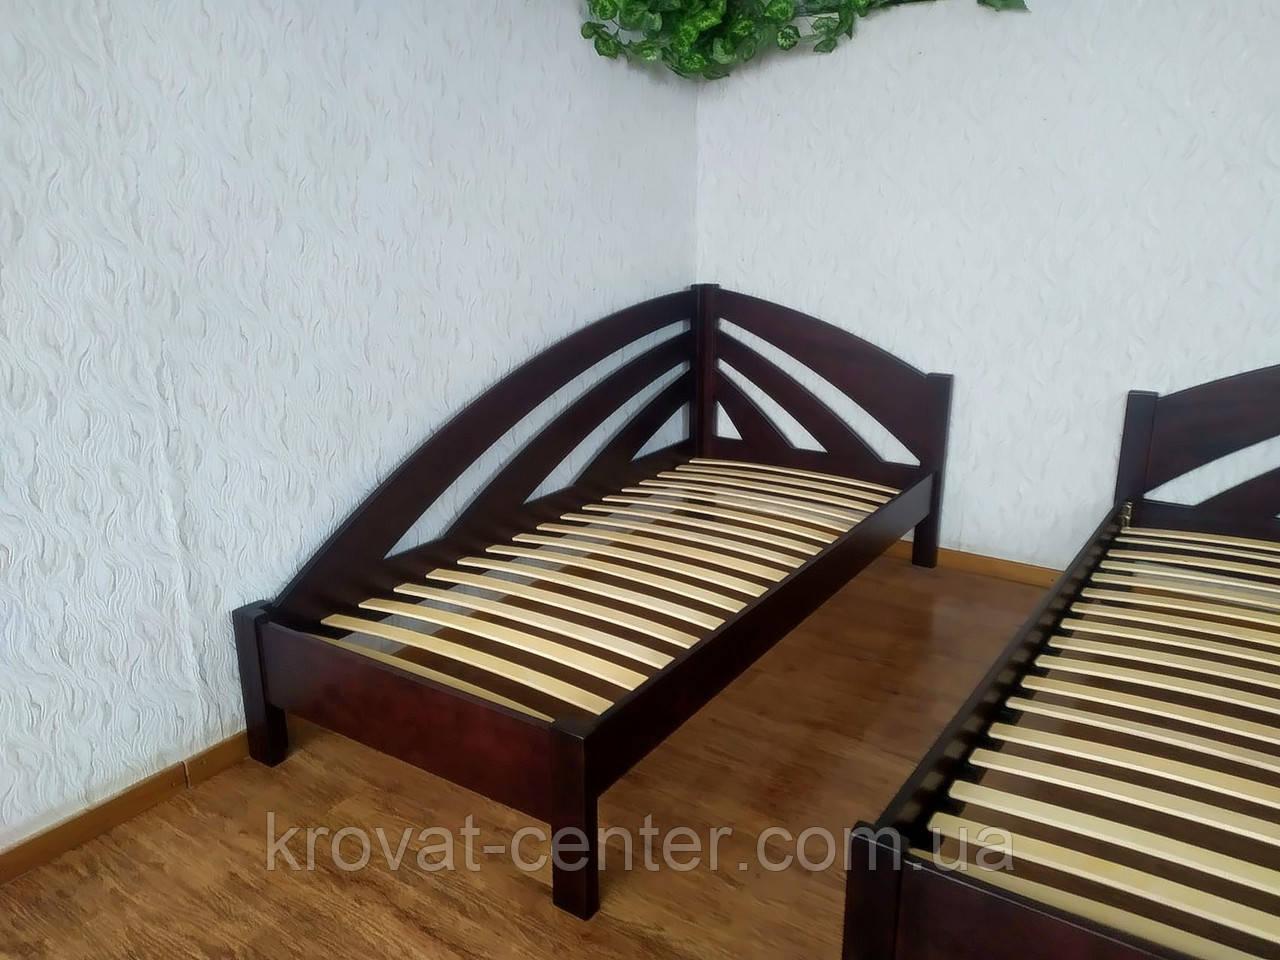 """Детская кровать угловая из дерева """"Радуга"""" (цвет на выбор)"""